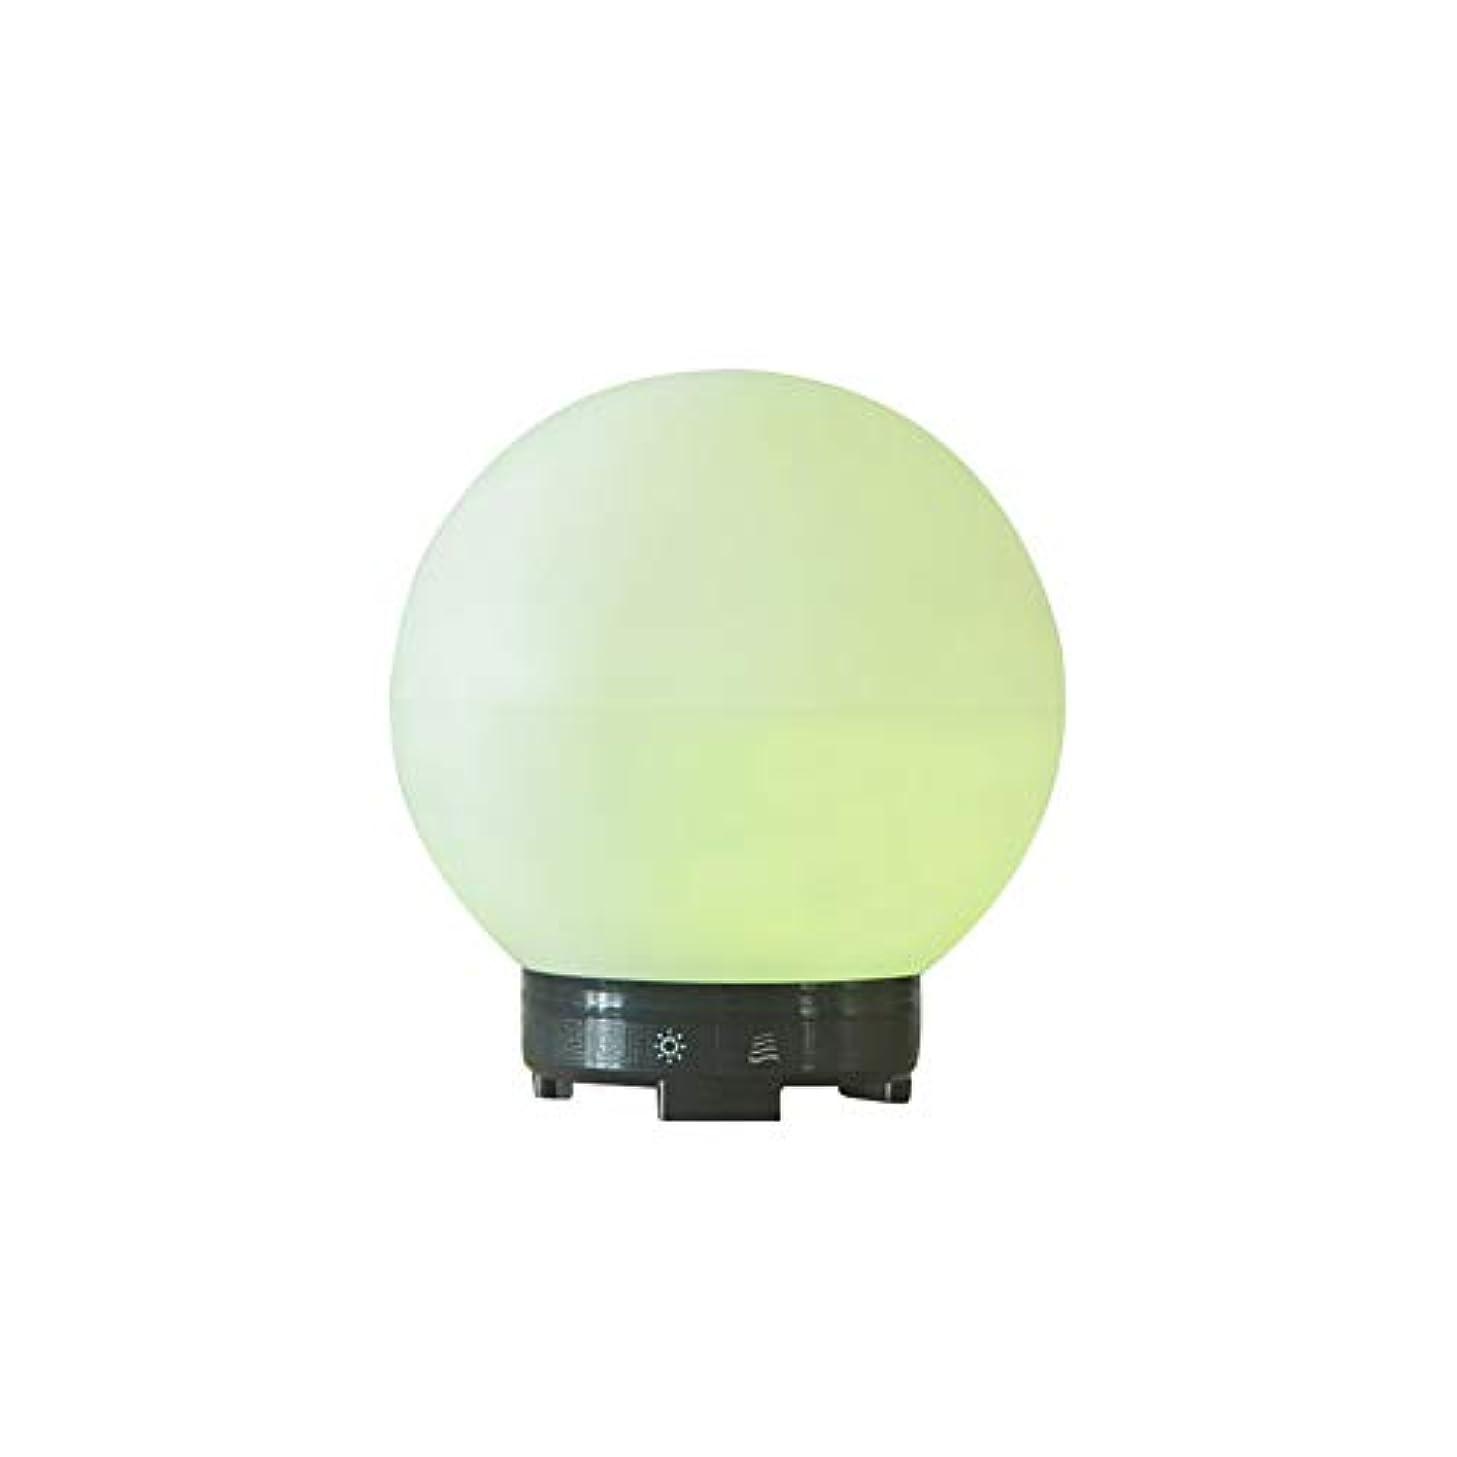 呼び起こすチャンピオンディスクエッセンシャルオイルディフューザーと加湿器、ミストエッセンシャルオイルアロマ加湿器用の超音波アロマディフューザー、7色LEDライト